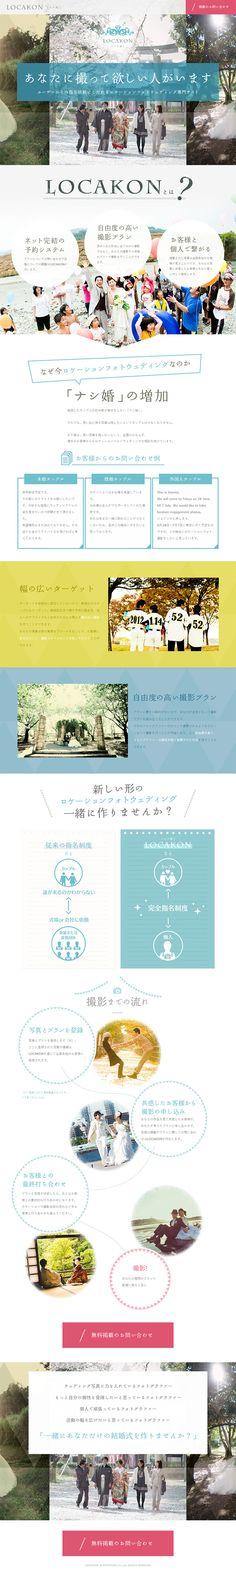 LOCAKON【サービス関連】のLPデザイン。WEBデザイナーさん必見!ランディングページのデザイン参考に(かわいい系)